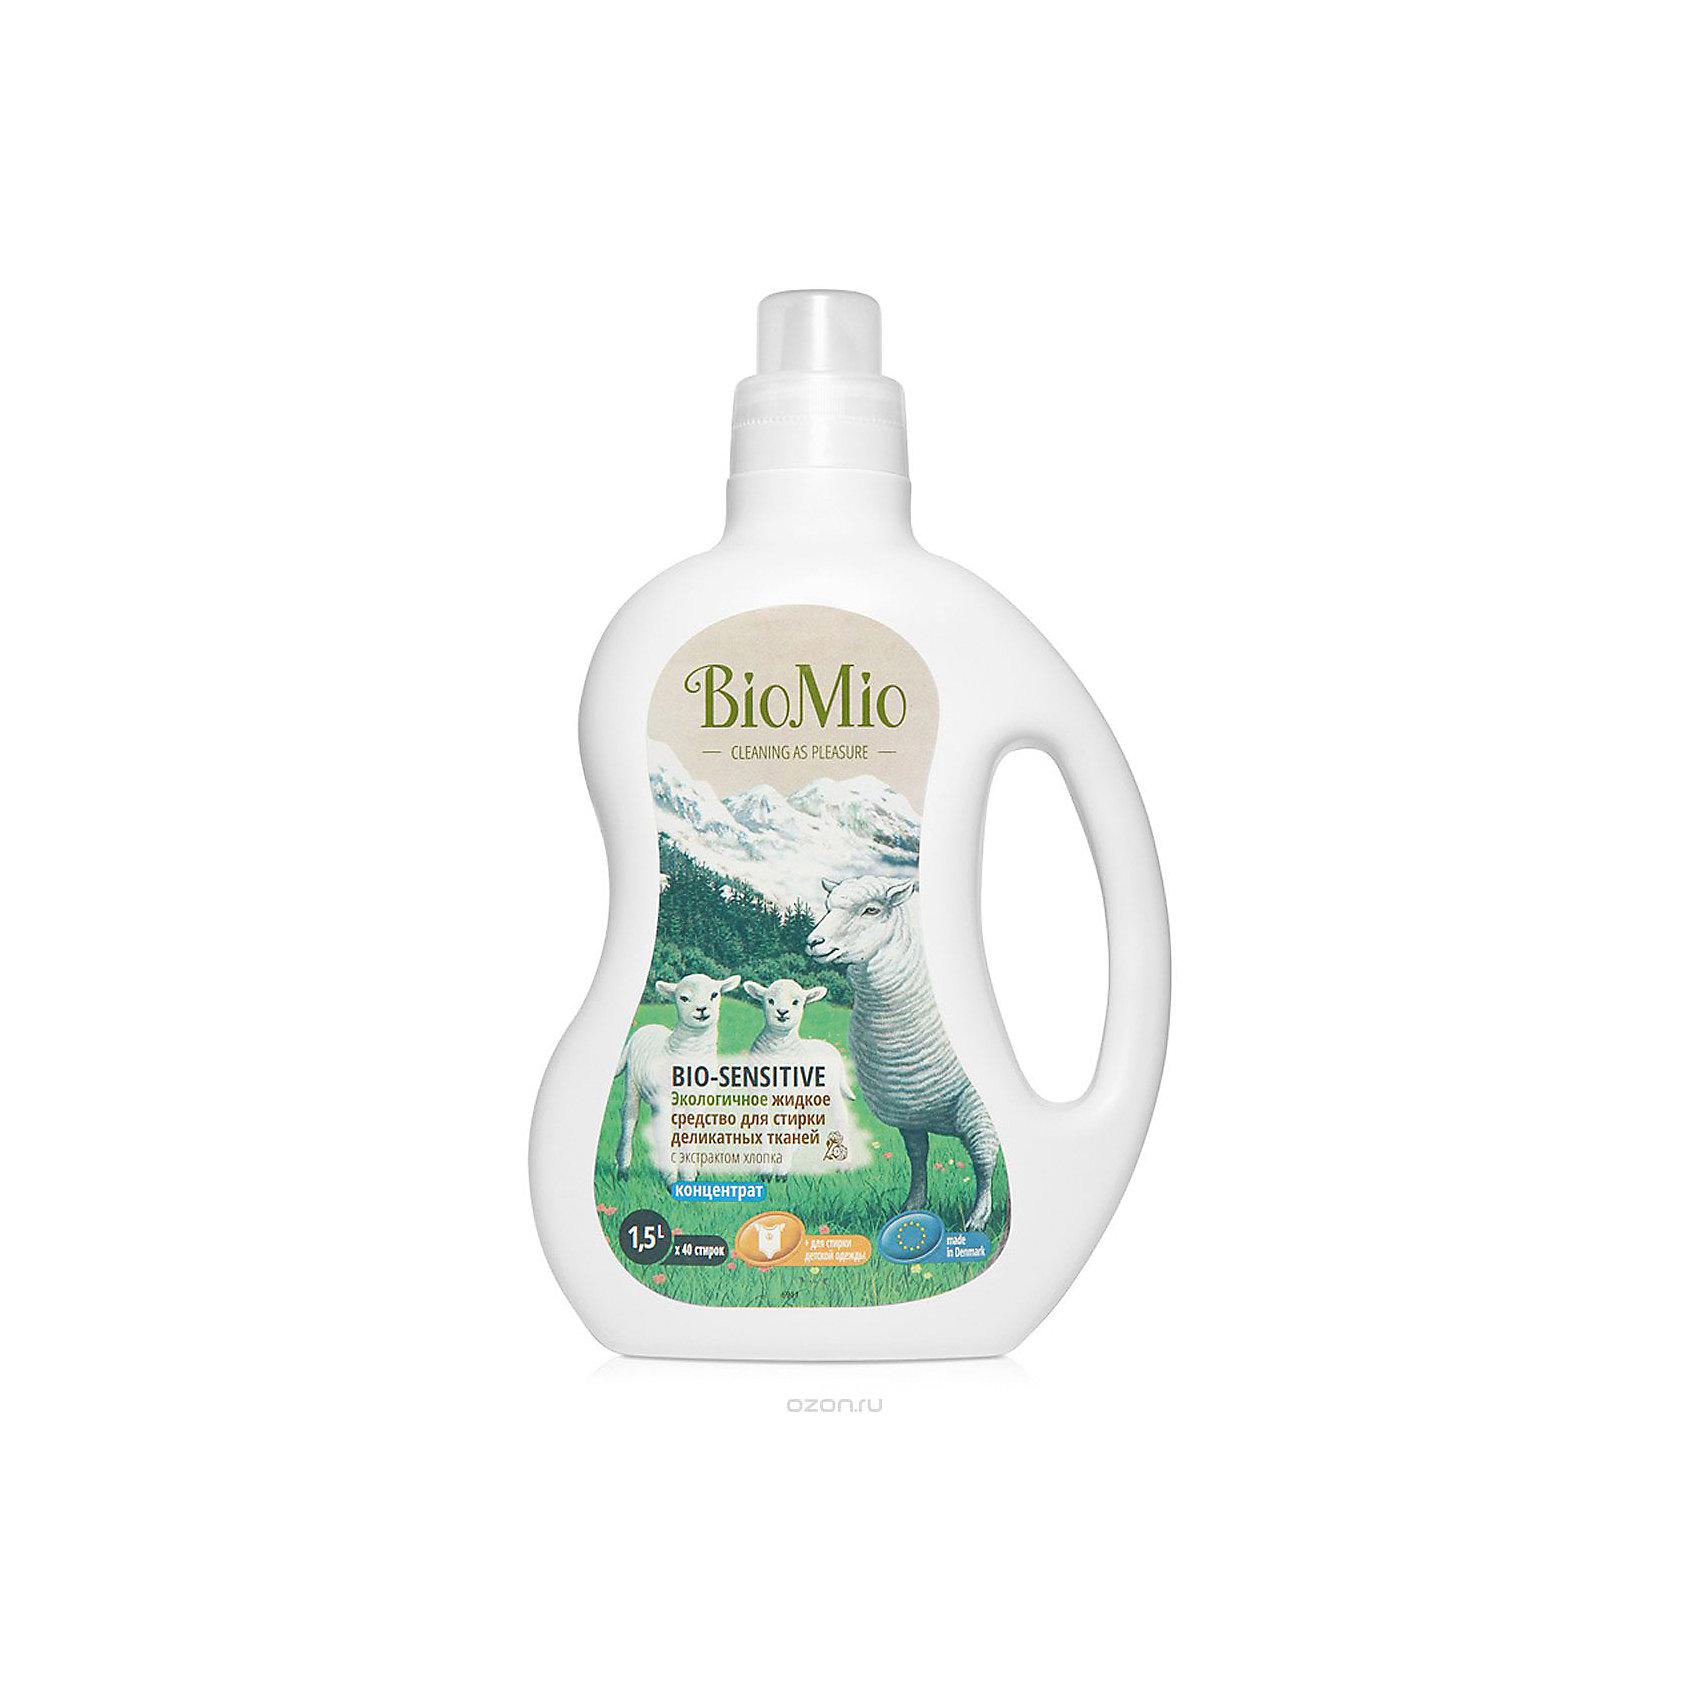 Экологичное жидкое средство для стирки деликатных тканей с экстрактом хлопка, концетрат, BIO MIO